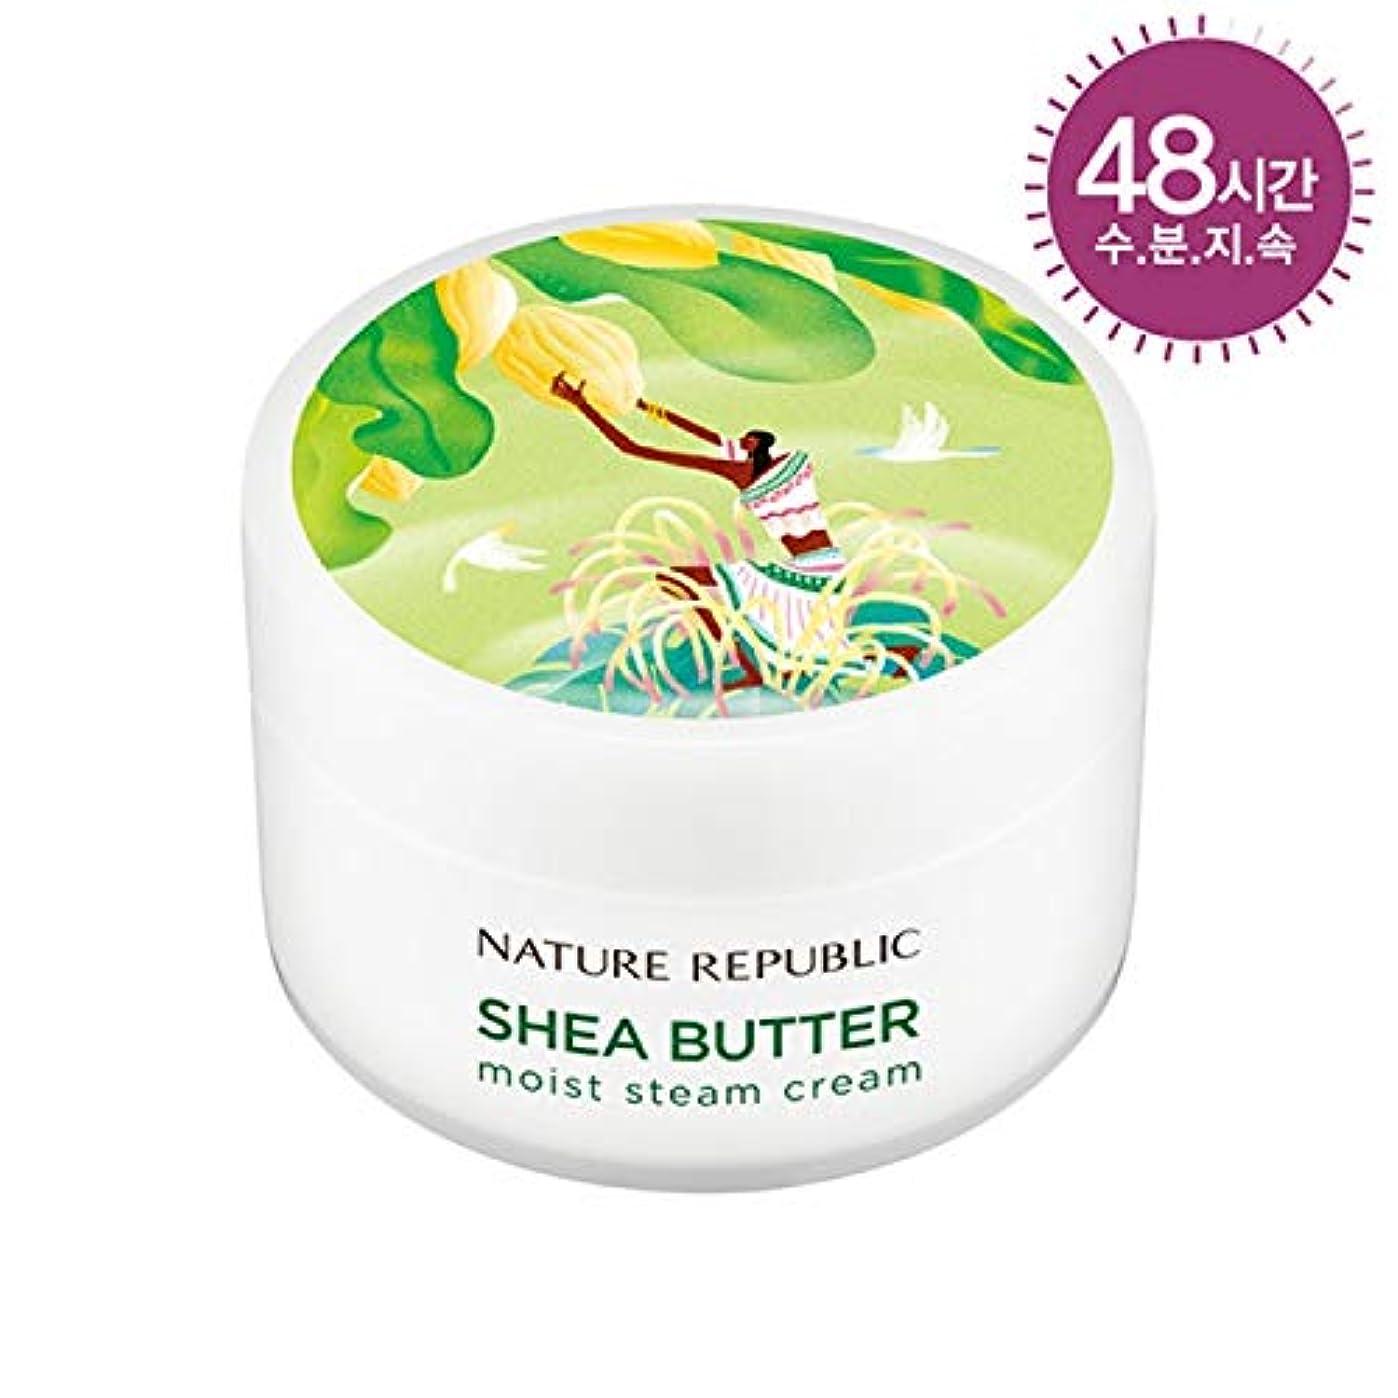 苦しめるトレーダーベットネイチャーリパブリック(Nature Republic)シェアバタースチームクリームモイスト[中乾燥肌] 100ml / Shea Butter Steam Cream 100ml (Moist) :: 韓国コスメ [並行輸入品]